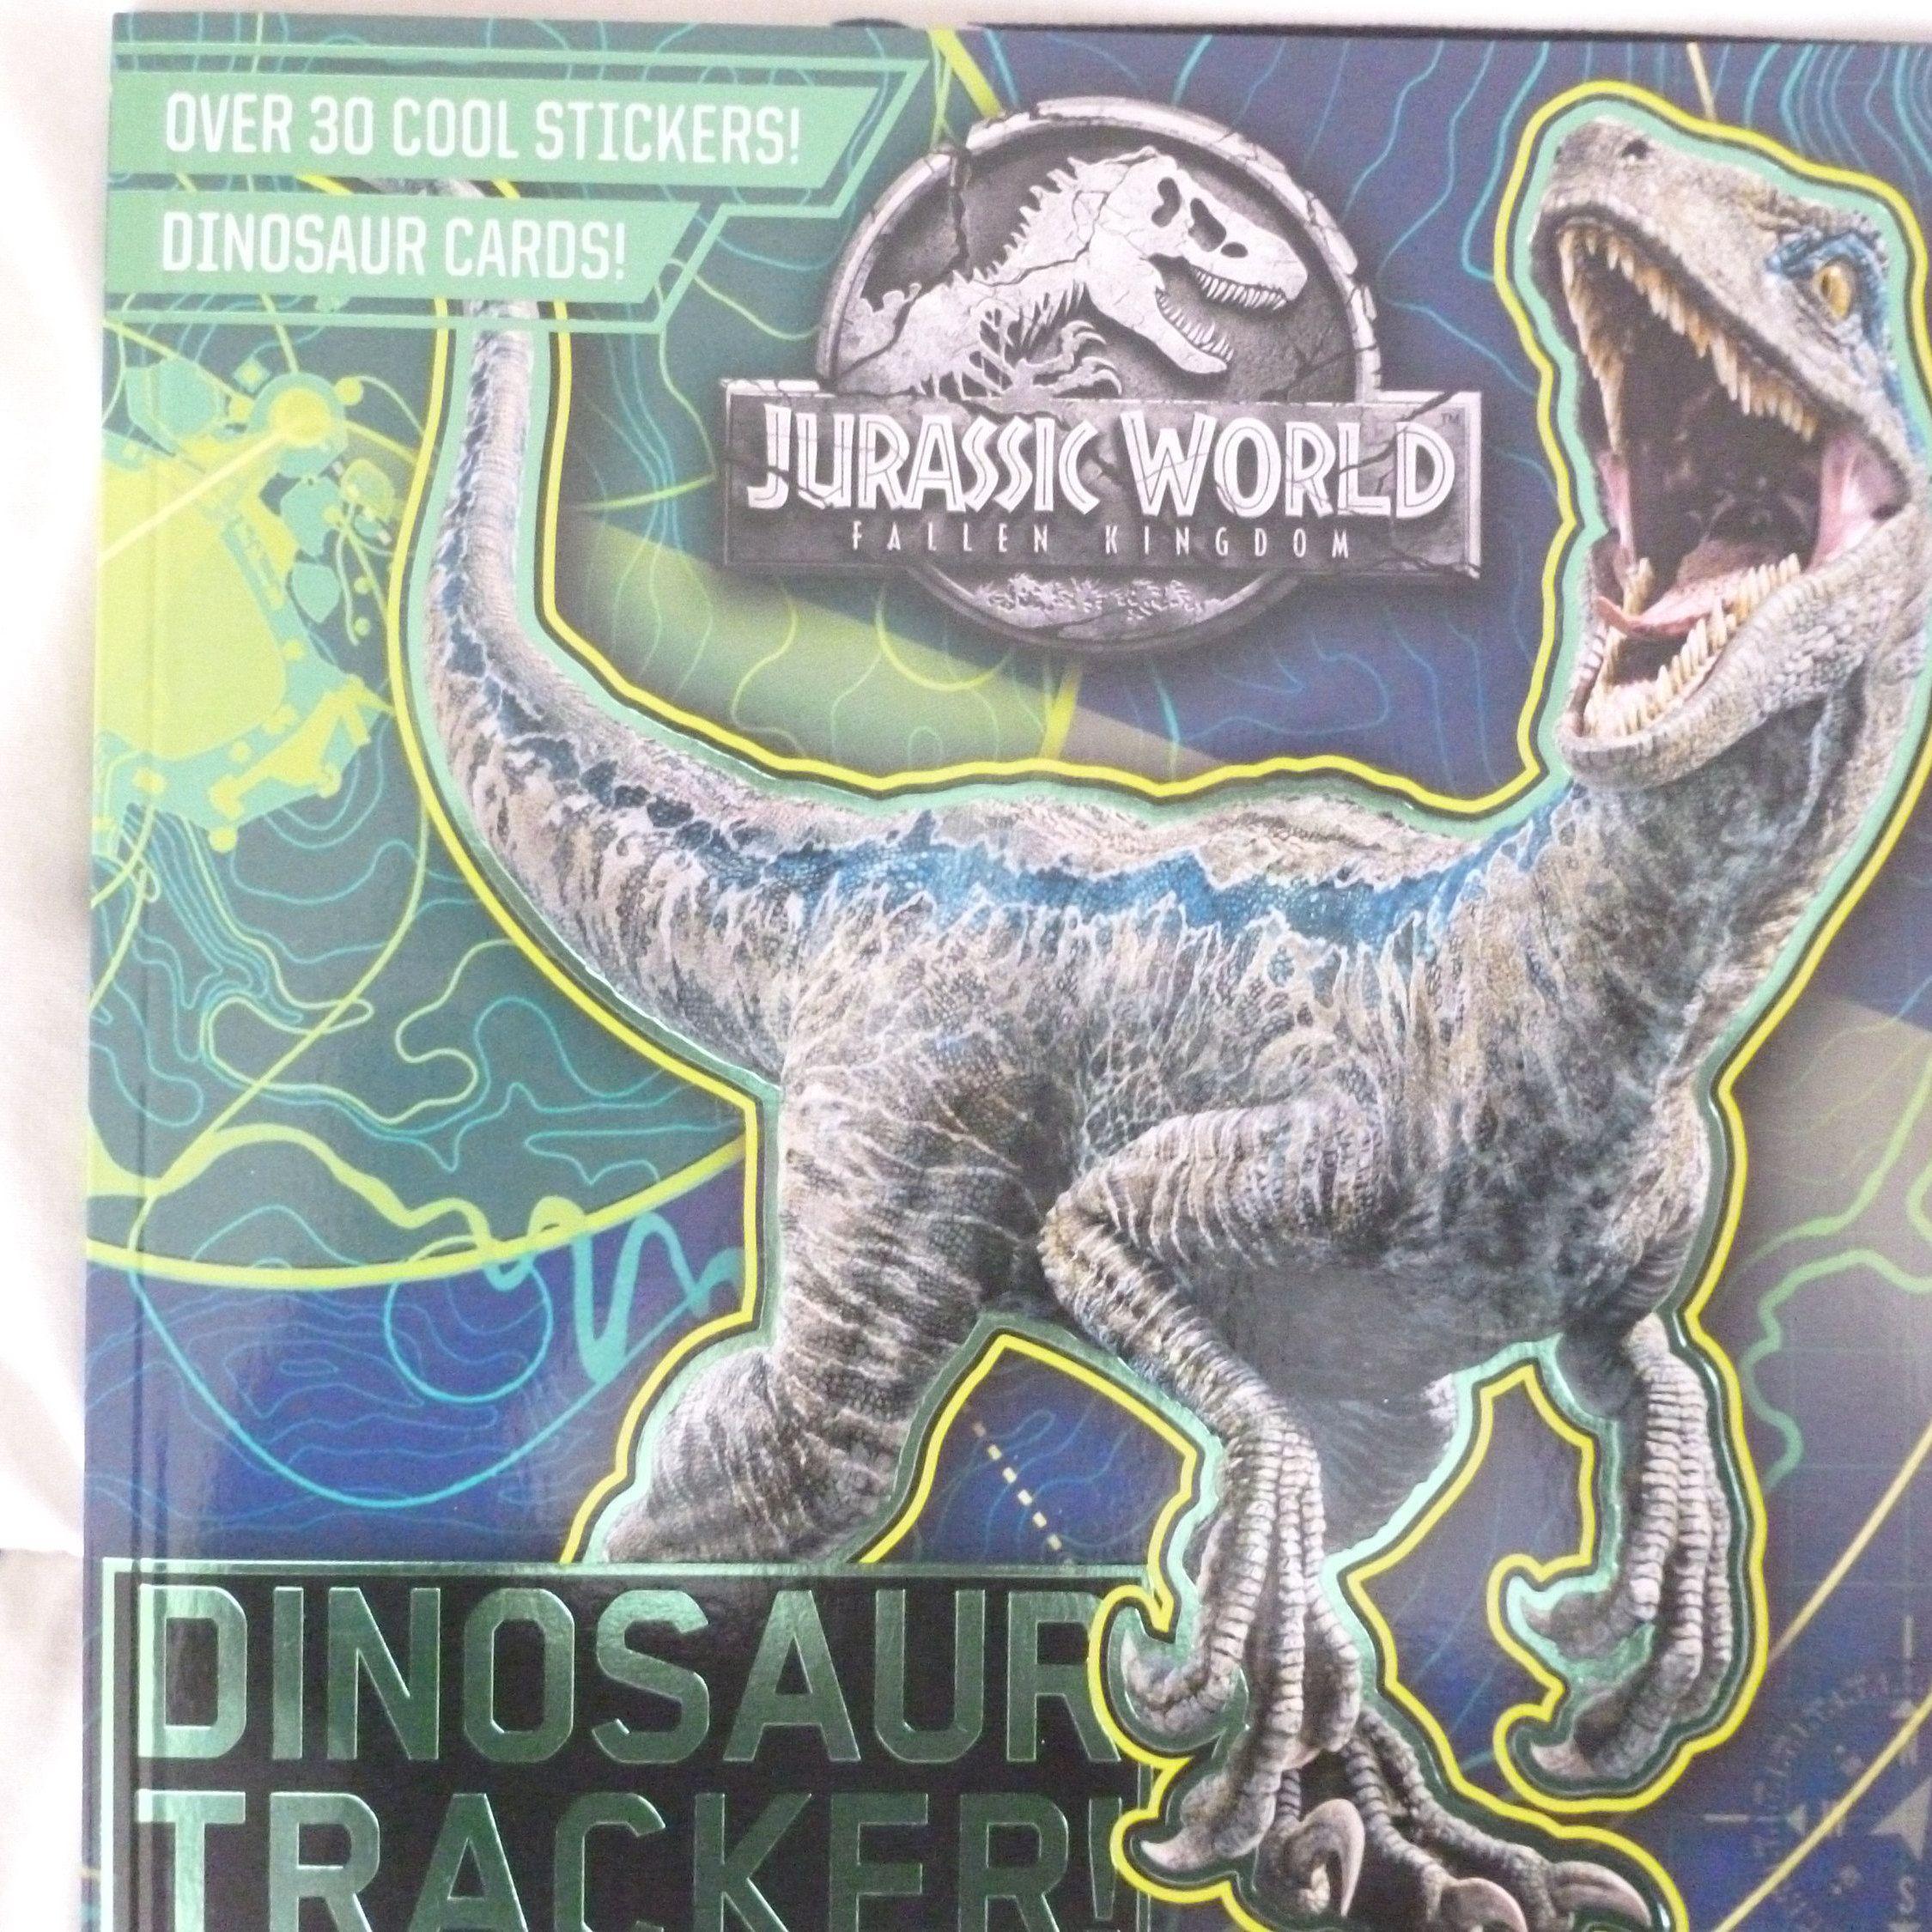 Dinosaur Tracker Jurassic World Fallen Kingdom Etsy Jurassic World Falling Kingdoms Film Jurassic World